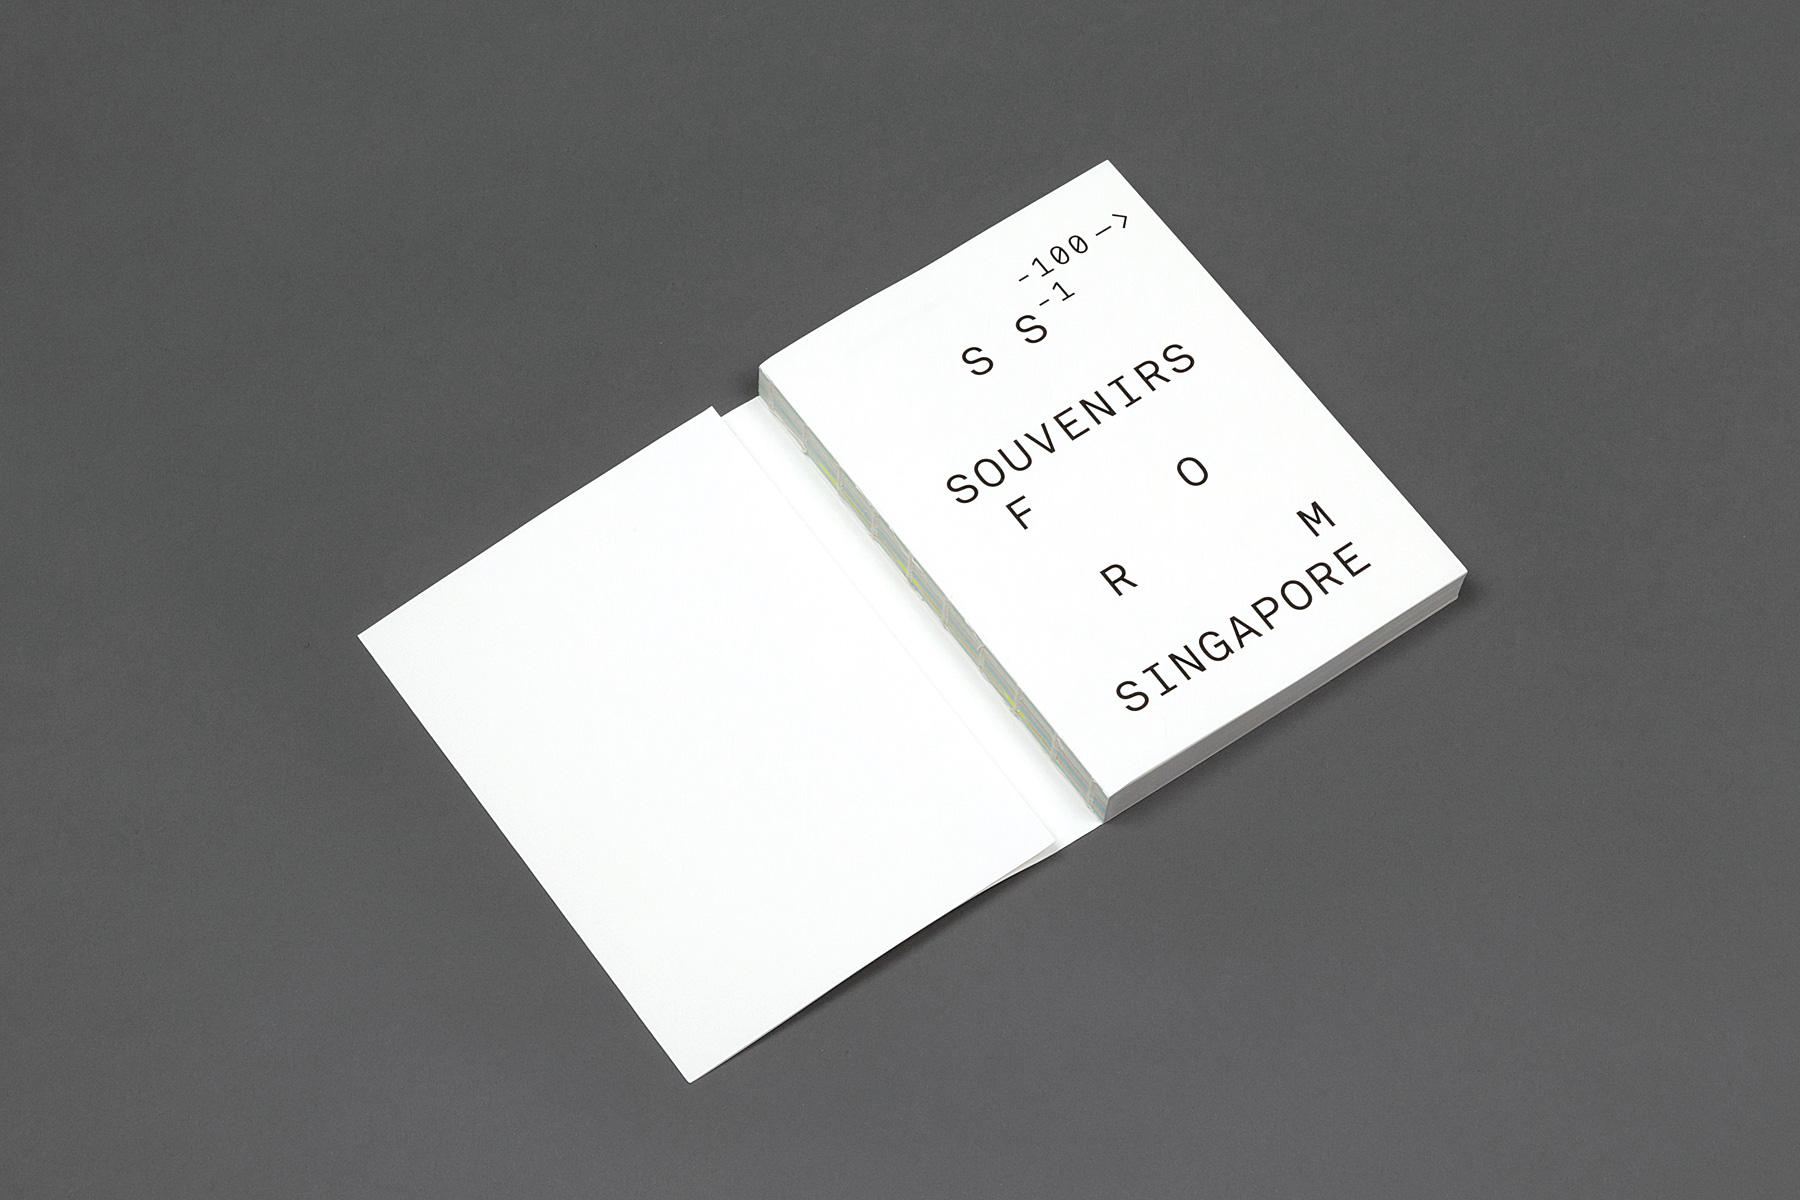 SFS-Publication-Slide-1